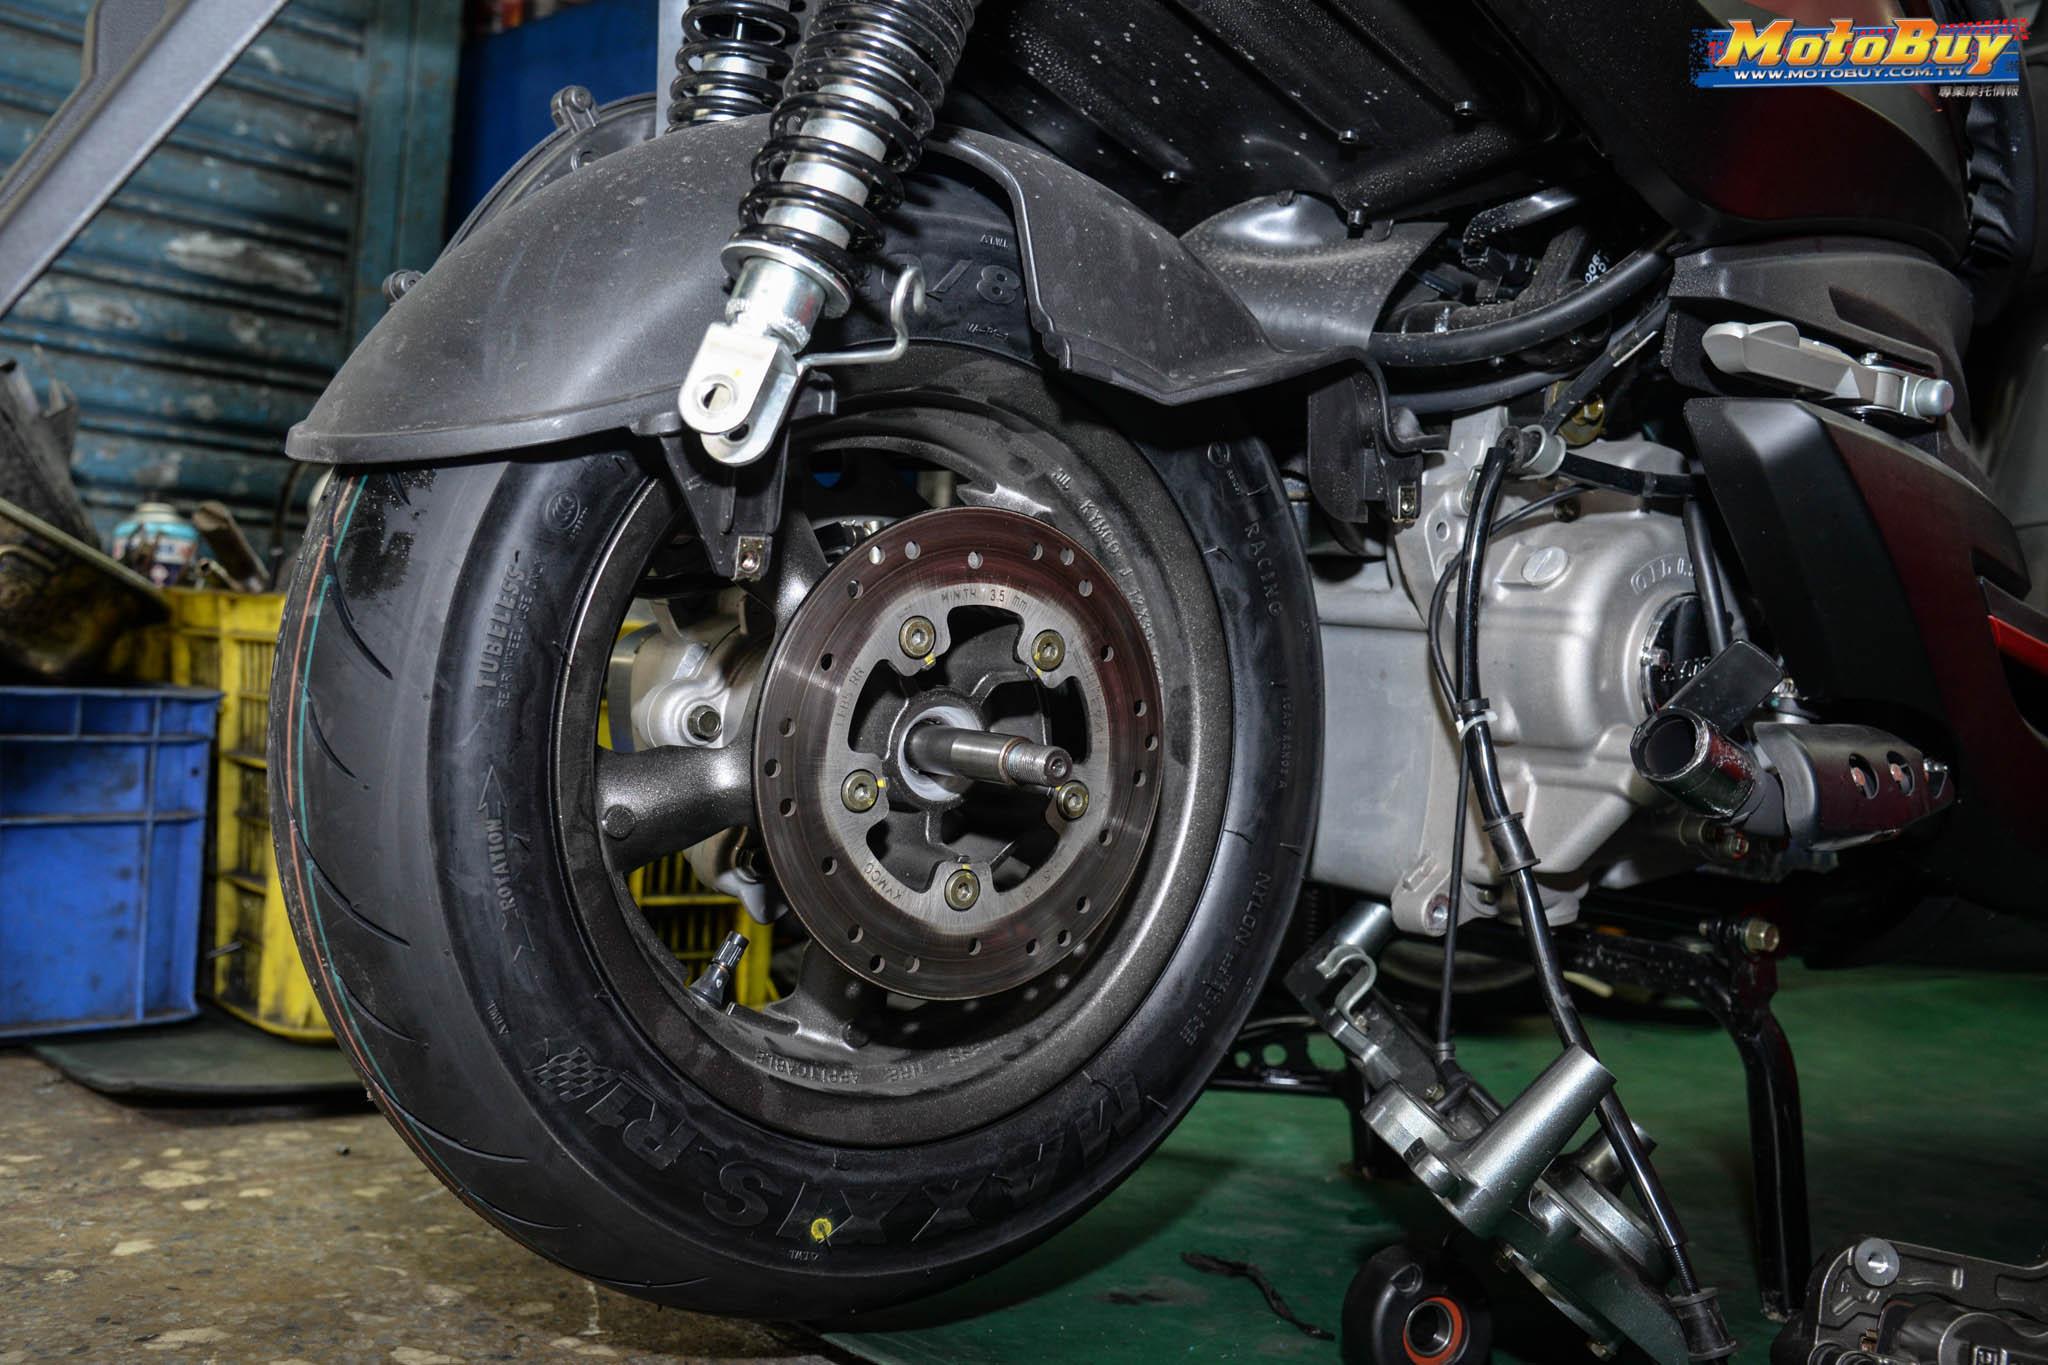 [部品情報] KYMCO G-Dink 輪胎升級篇 - 服貼地表利器 MAXXIS MA-R1 | MotoBuy